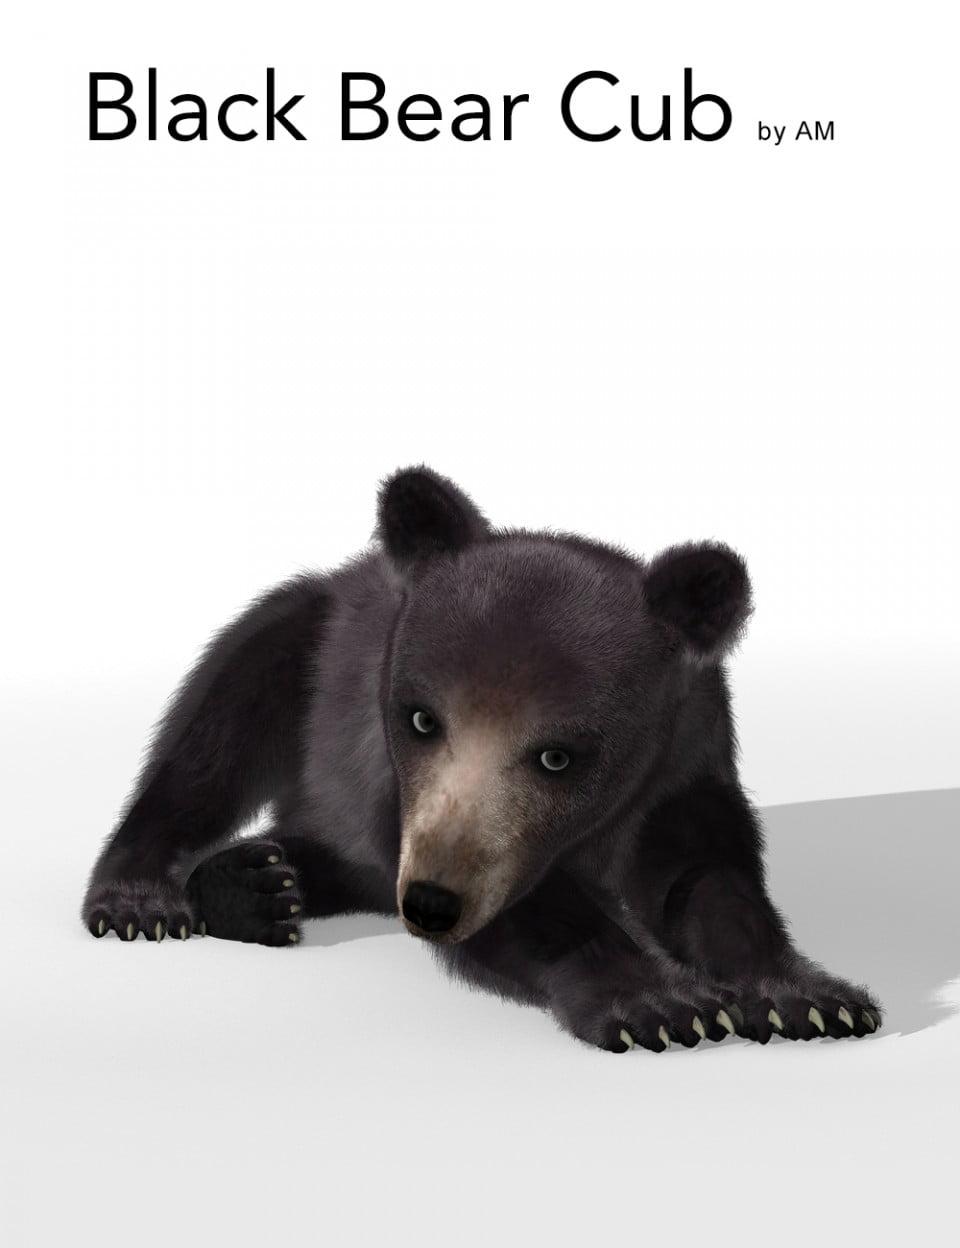 00-main-black-bear-cub-by-am-daz3d